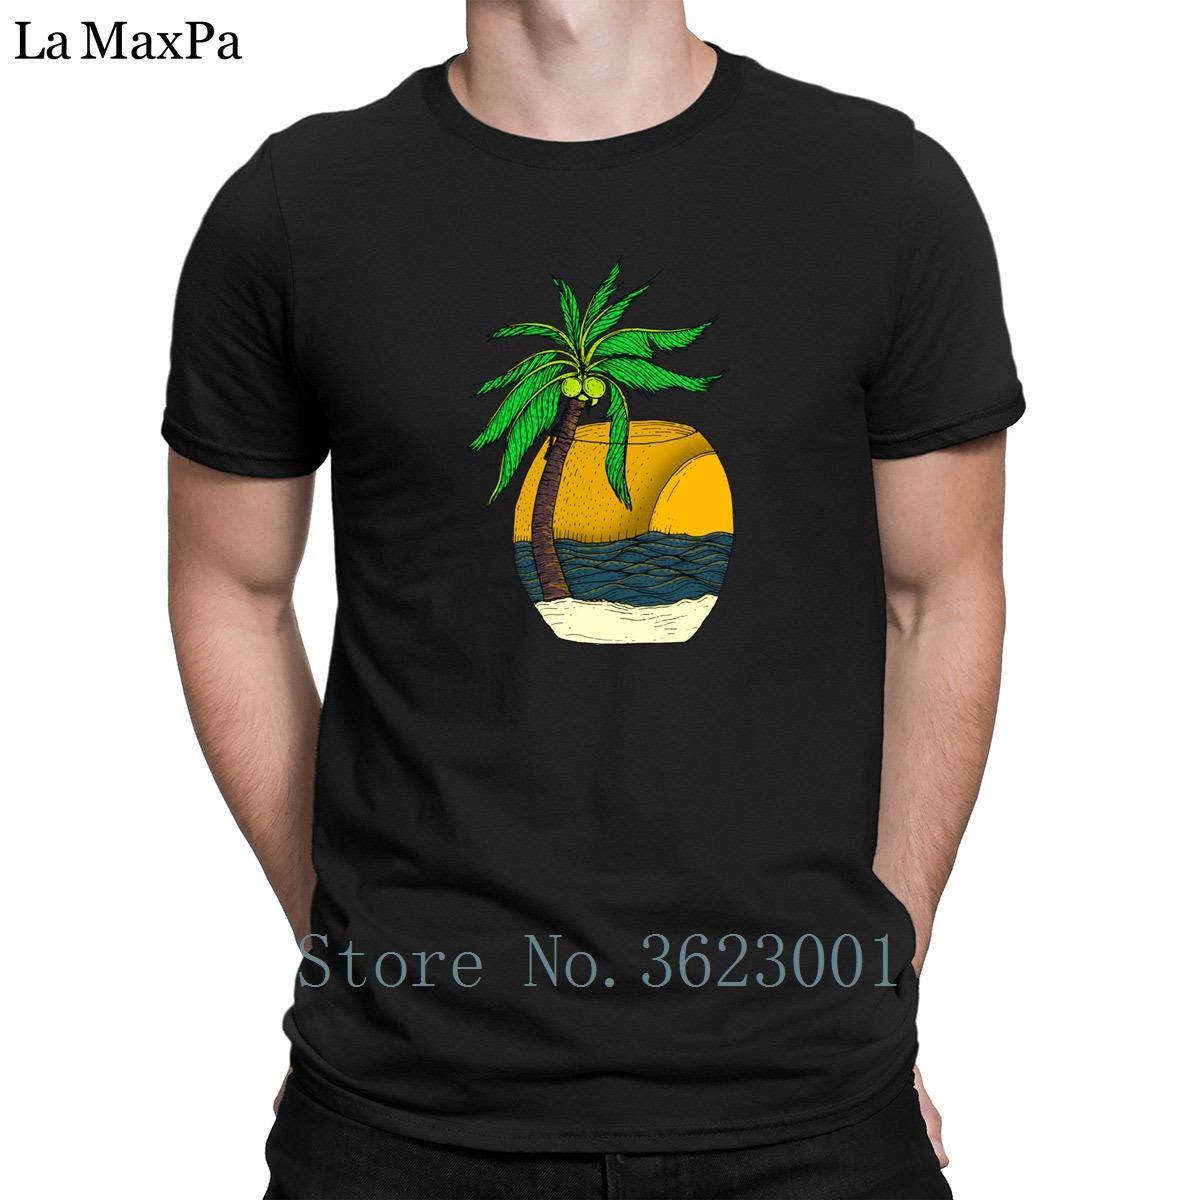 Proyectos divertido Hombres camiseta casual del sol tropical Camiseta para hombre Hiphop 100% algodón T Shirts Unisex camiseta de sitios únicos